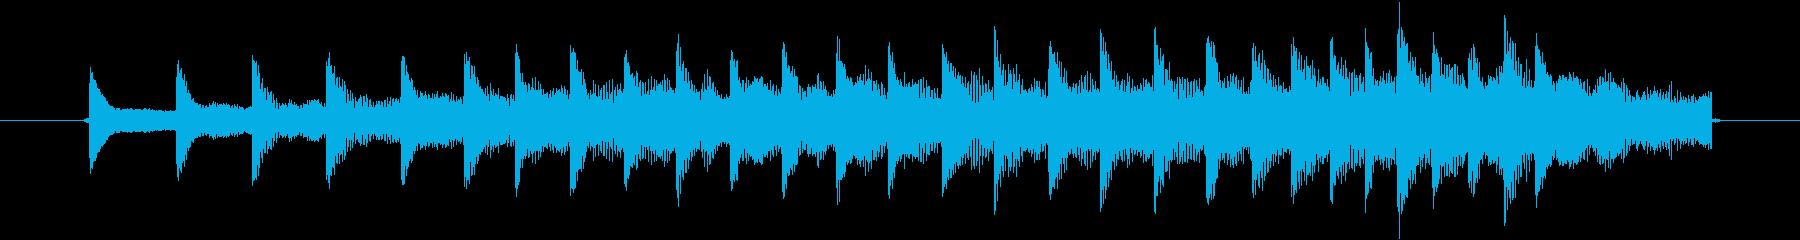 ぎりぎりと2本の鎖のこすれる音。の再生済みの波形